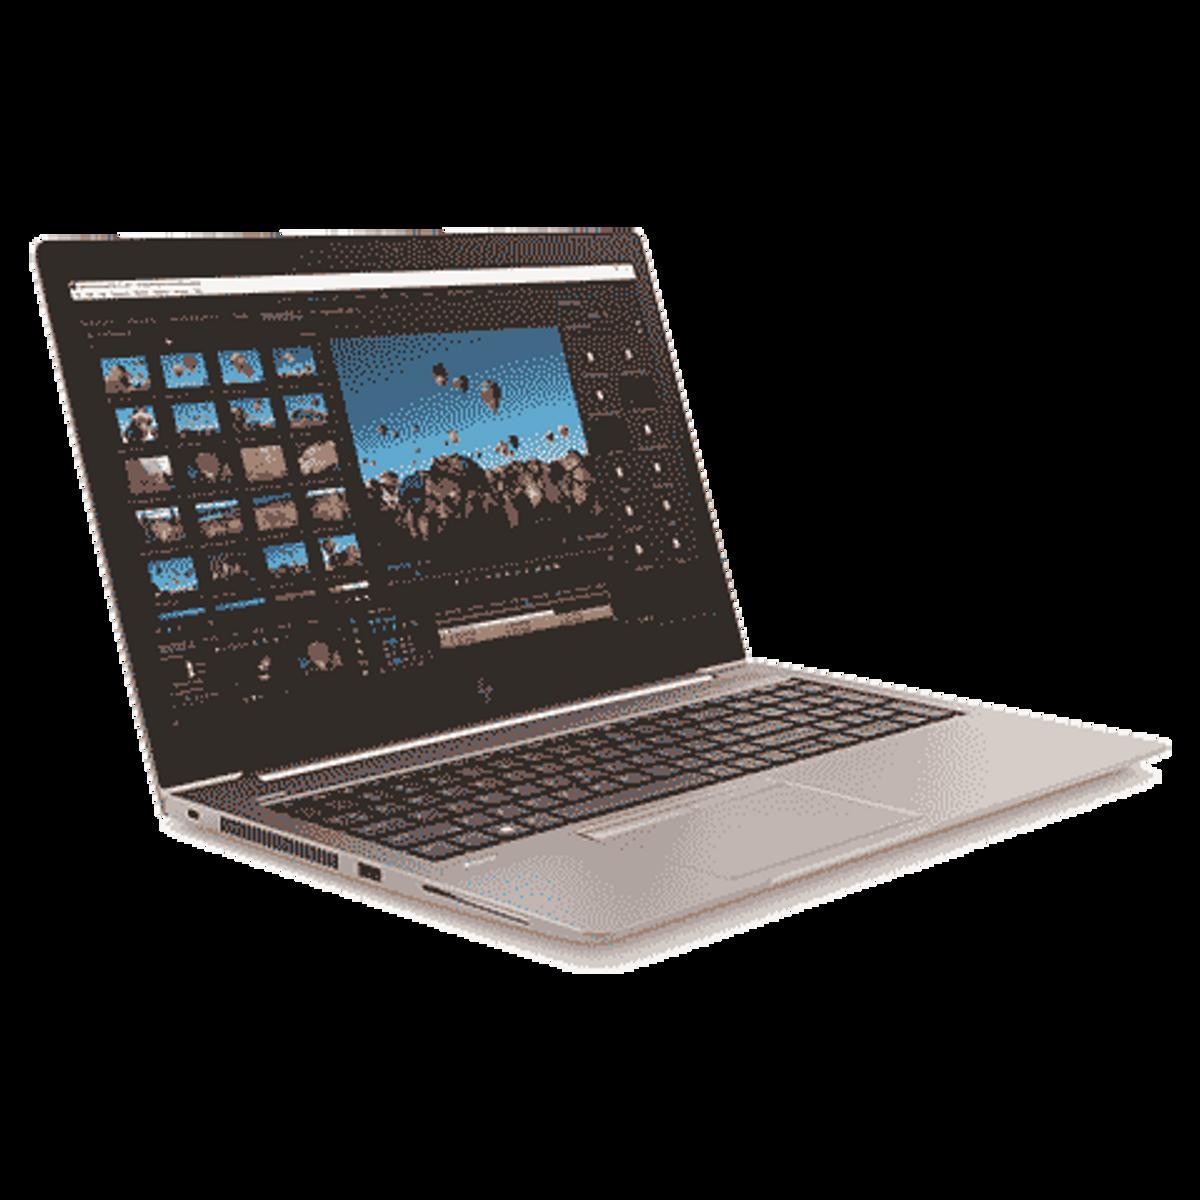 హెచ్ పీ EliteBook 830 G5